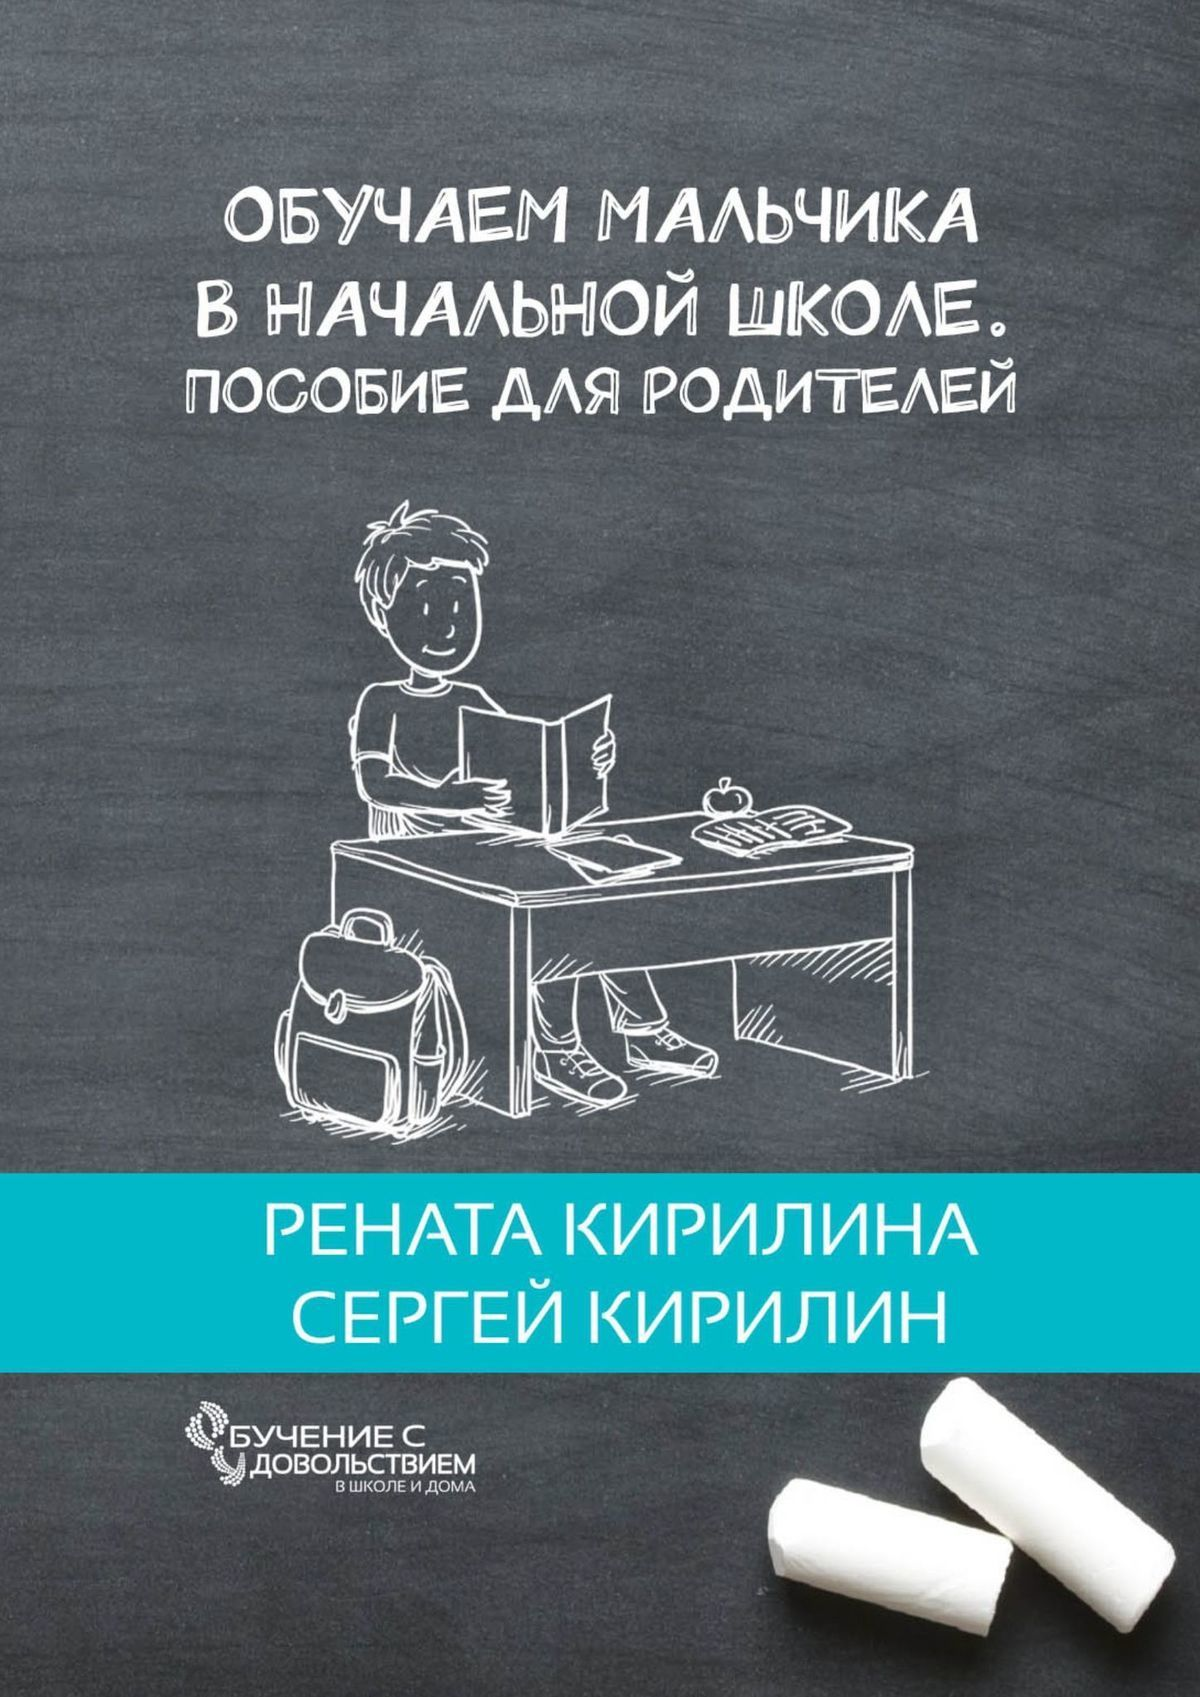 Рената Кирилина Обучаем мальчика в начальной школе. Пособие для родителей как помочь больному человеку